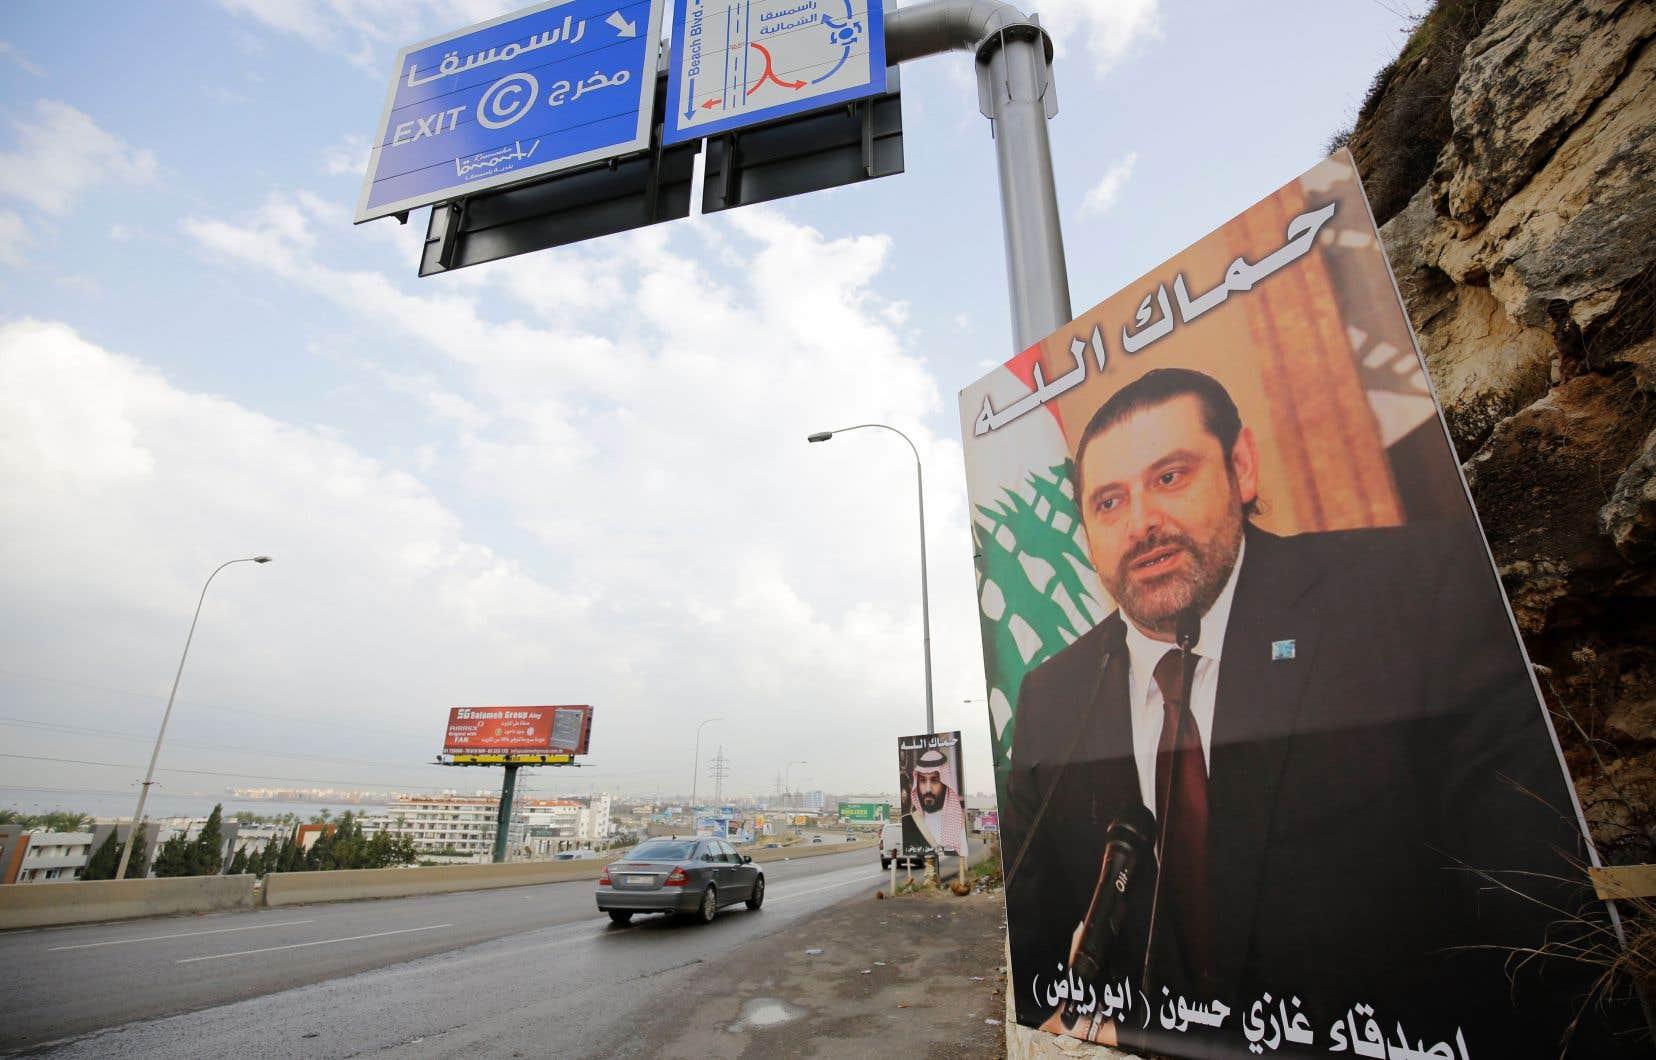 Le 4 novembre, M.Hariri a annoncé sa démission en accusant le Hezbollah libanais et l'Iran de <em>«mainmise»</em> sur son pays et en disant craindre pour sa vie.